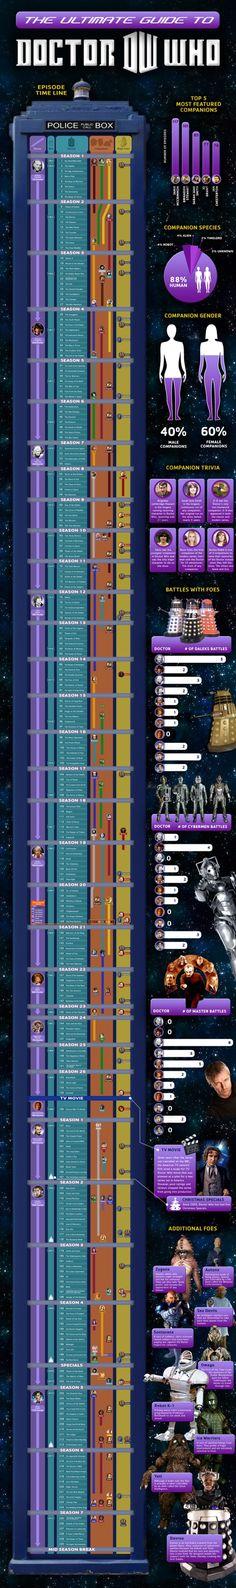 Dr. Who Timeline